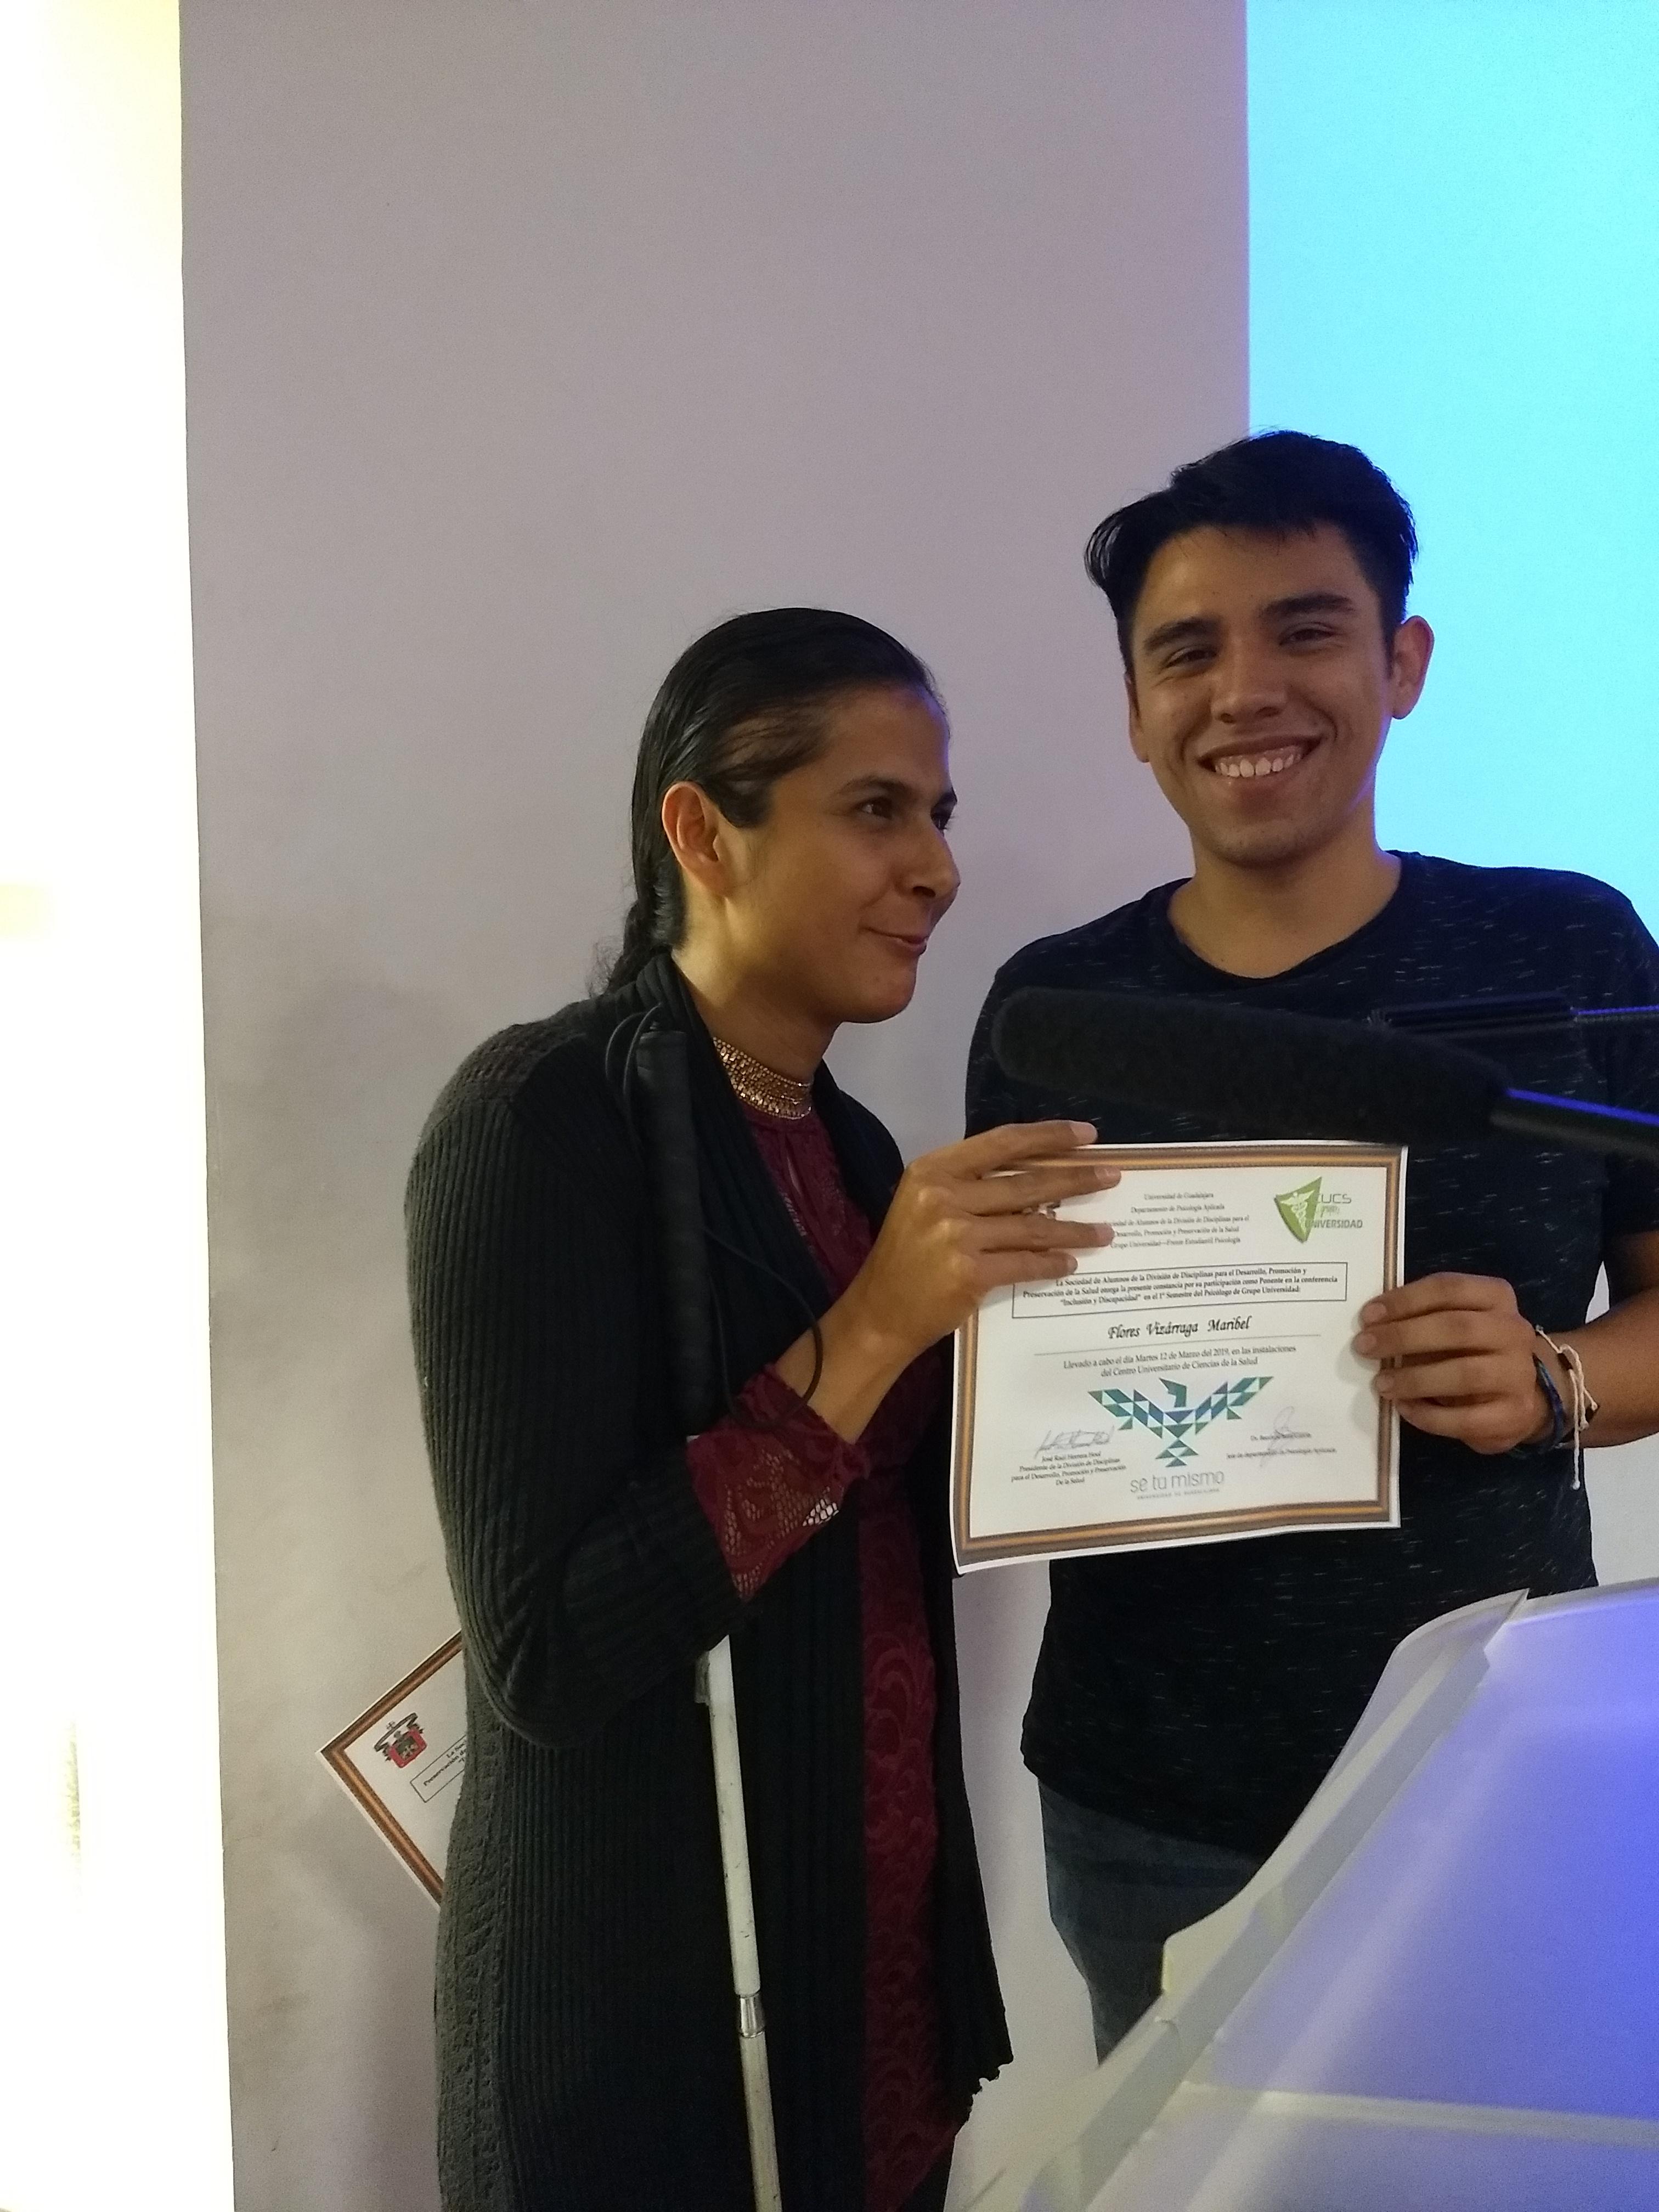 Jefa de la Unidad de Inclusión y el representante de los alumnos exhibiendo el reconocimiento entregado